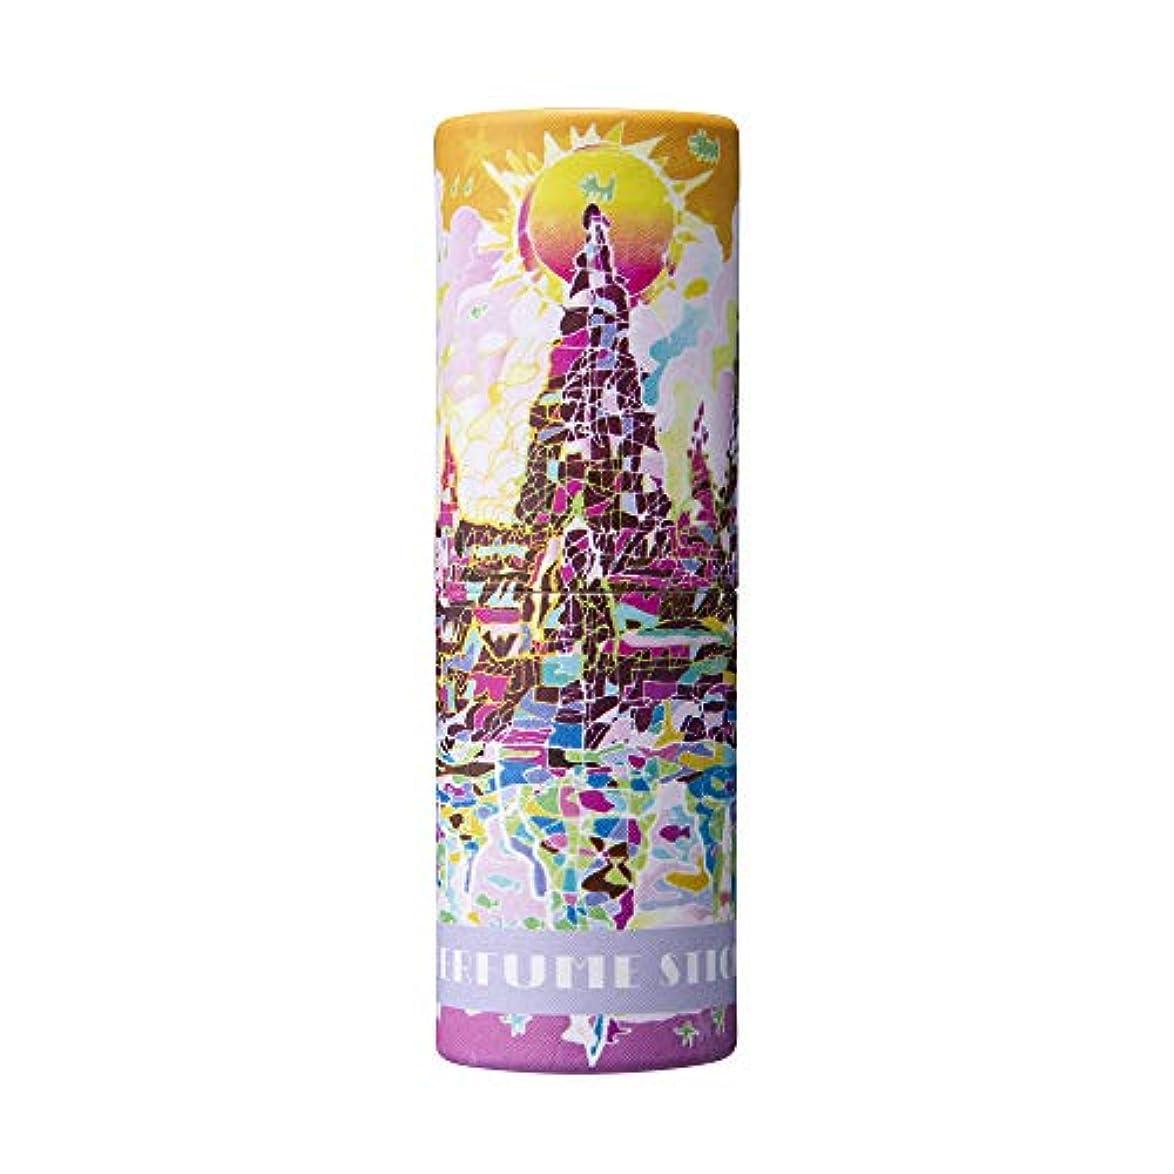 おびえた始める倍増パフュームスティック ドリーム ペア&ピーチの香り 世界遺産デザイン 5g